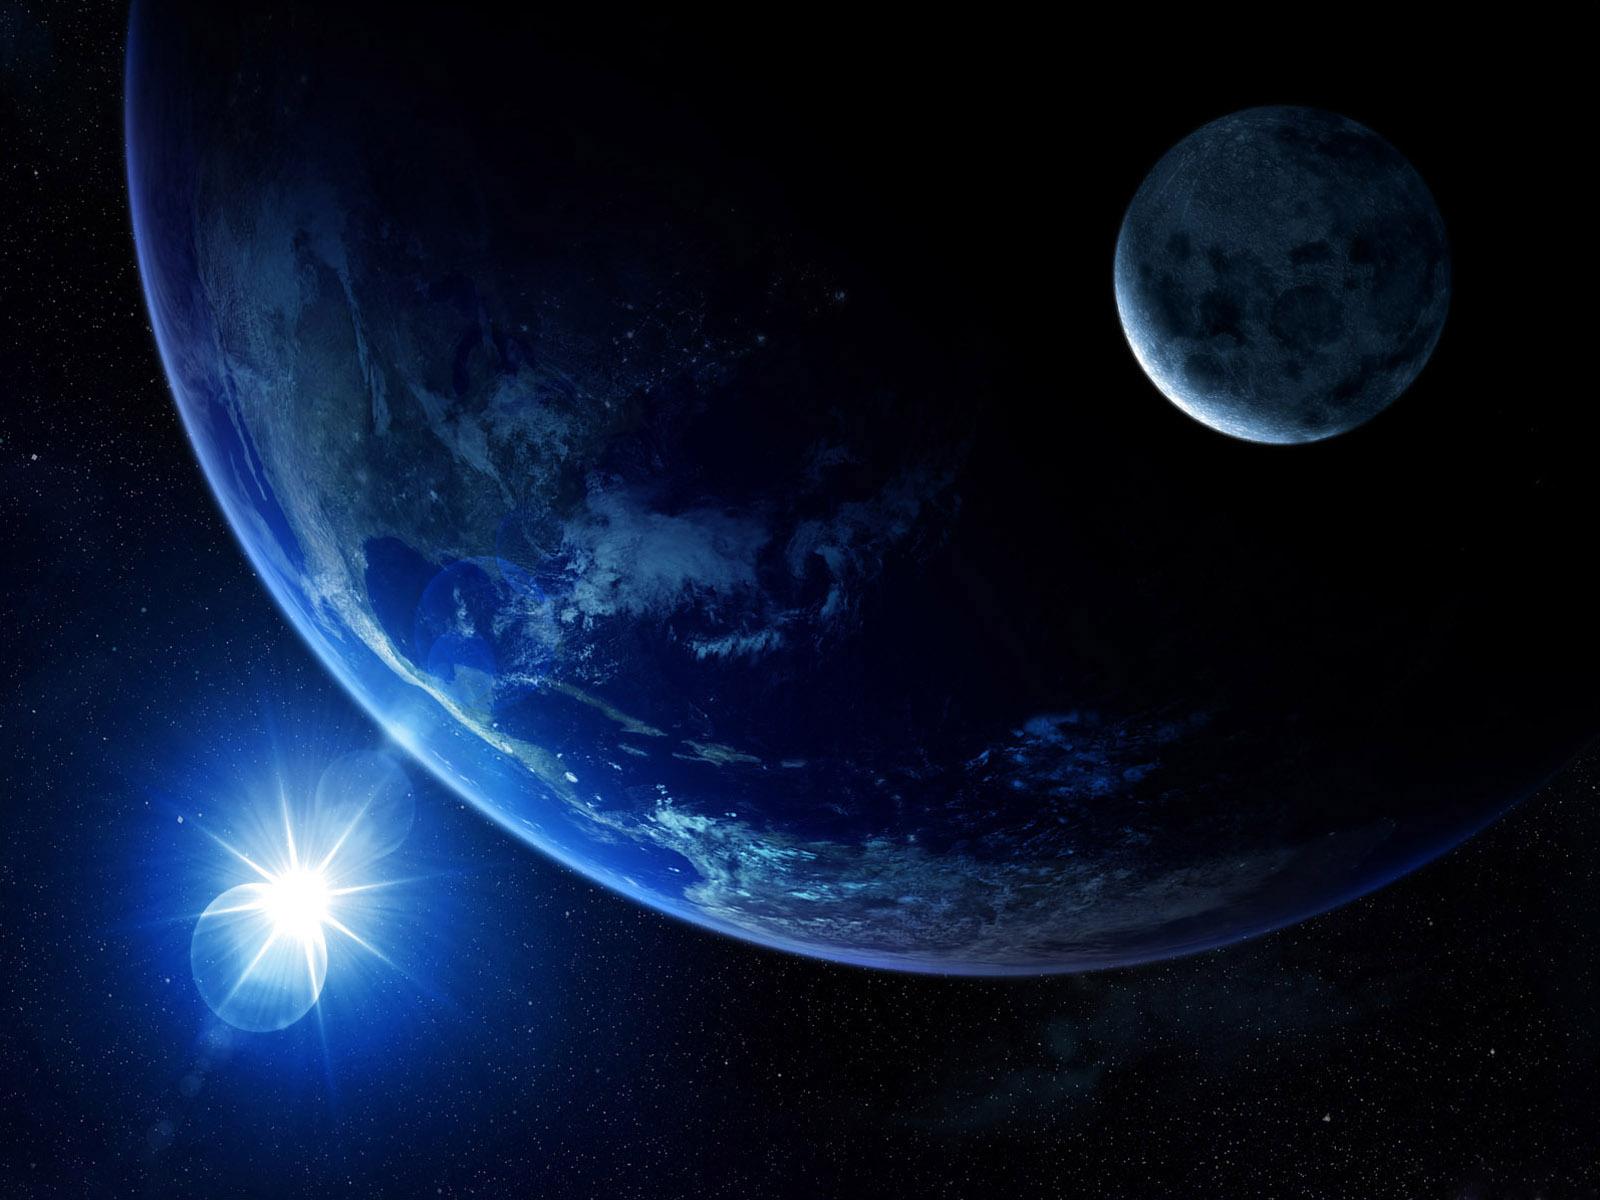 яркая звезда, планета и спутник, скачать фото, обои для рабочего стола